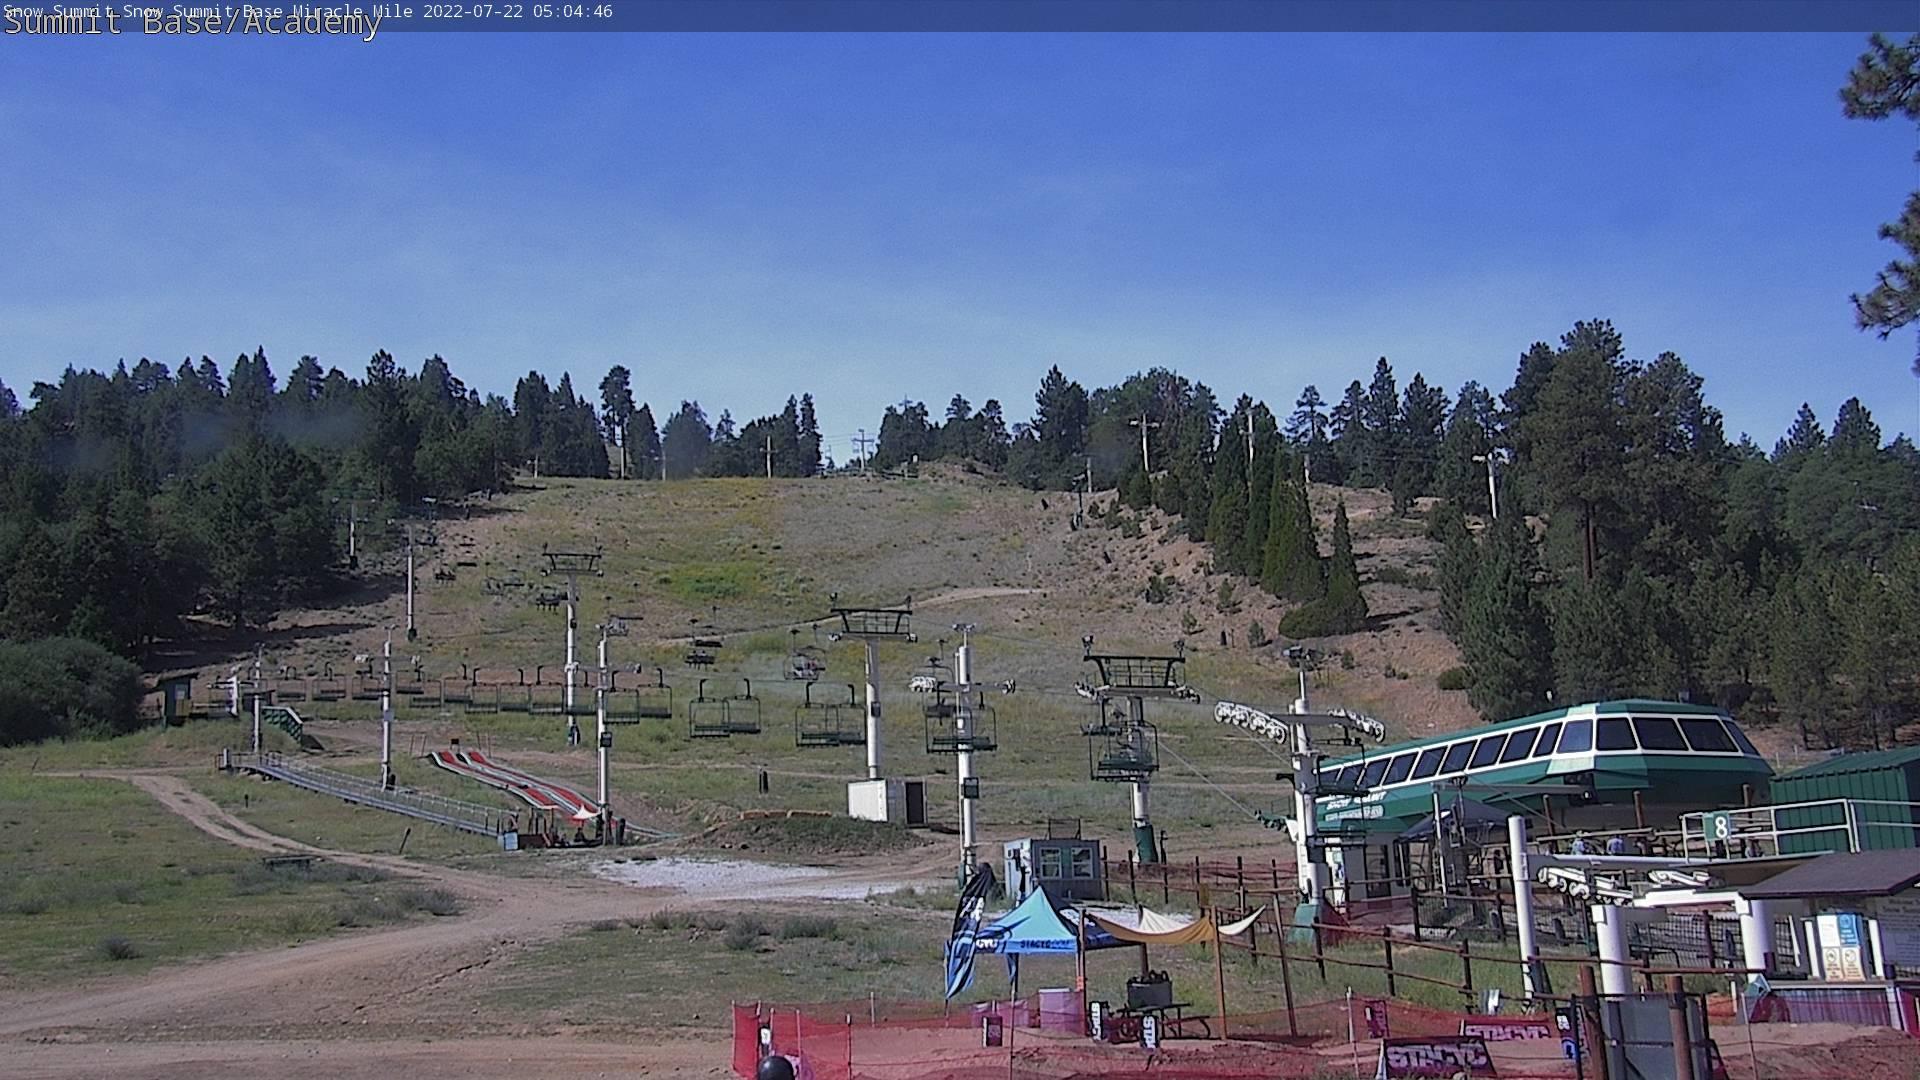 Live Streaming Web Cams   Interactive Cams   Big Bear